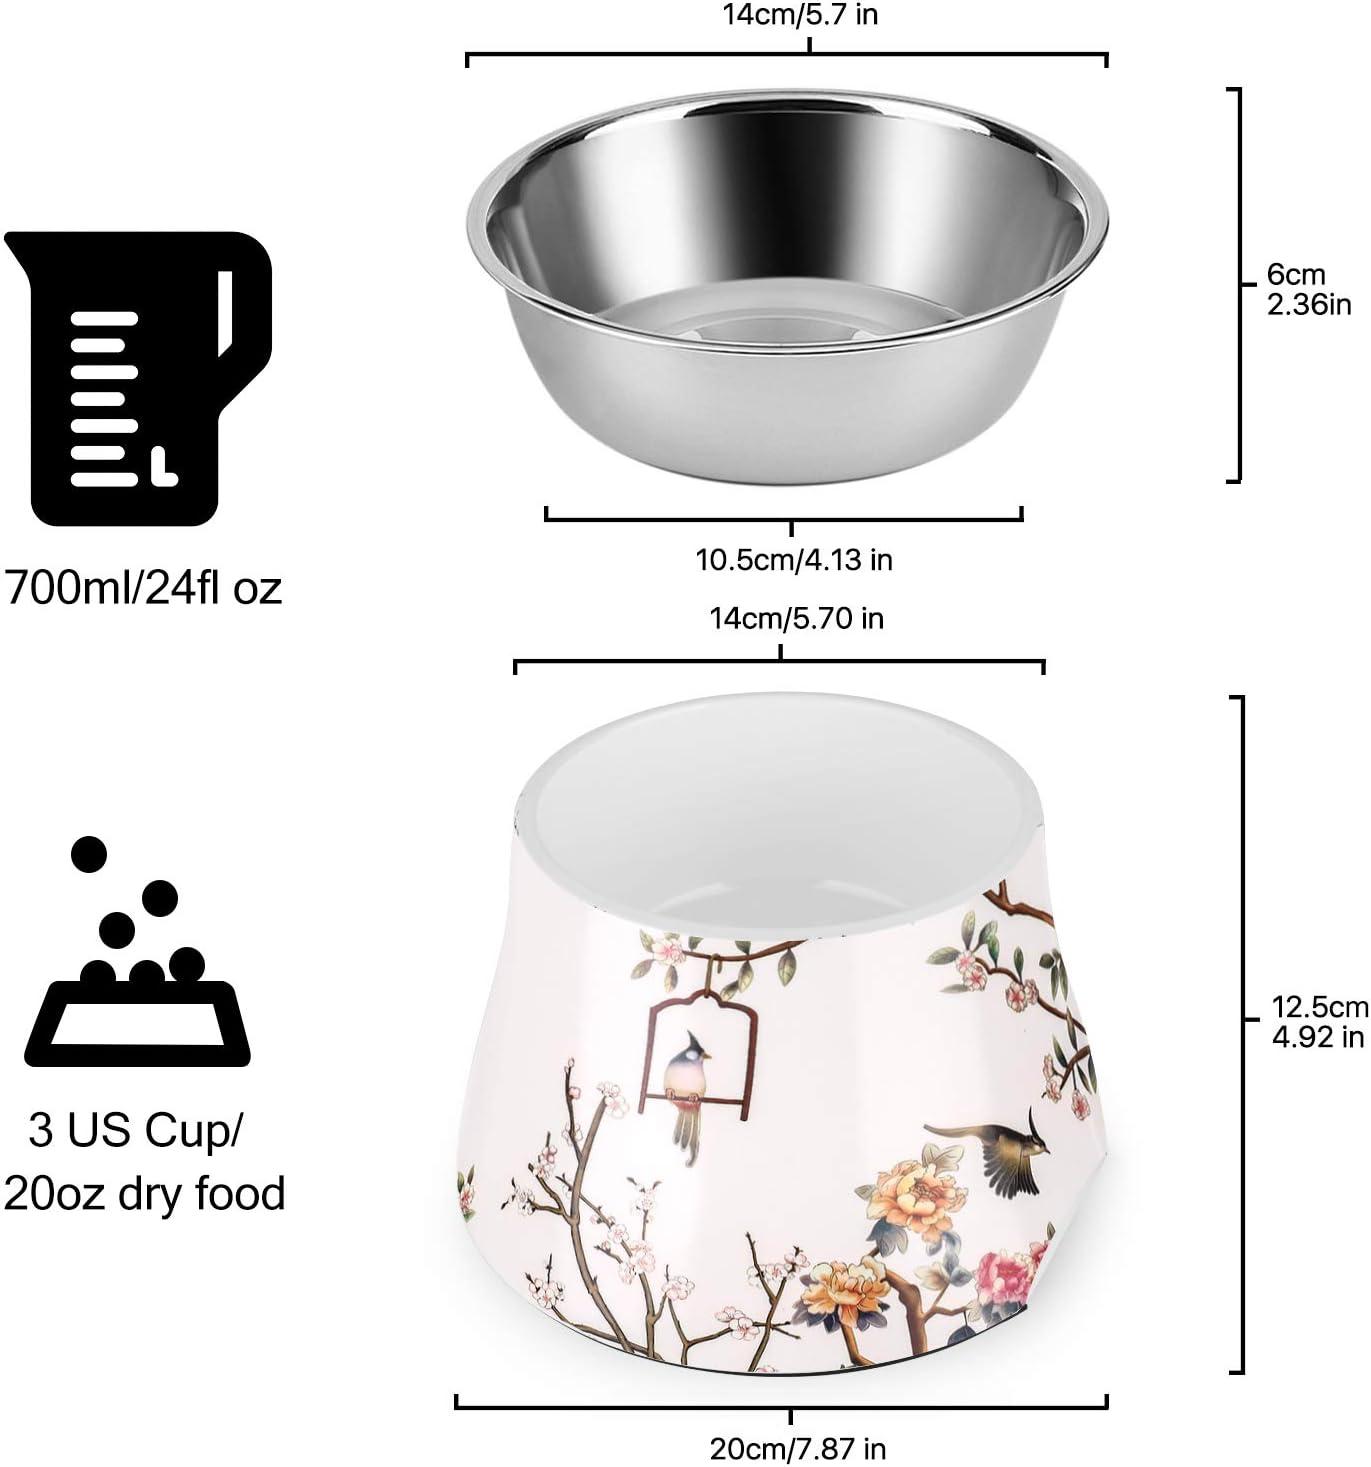 Flexzion Mangiatoia per Cani Gatti in Acciaio Elevato 24 FL Oz Piatto per Animali Domestici Sollevato Alimentazione Supporto Ciotola Rialzata Acqua Rimovibile Antiscivolo Gomma Taglia Media Bianco